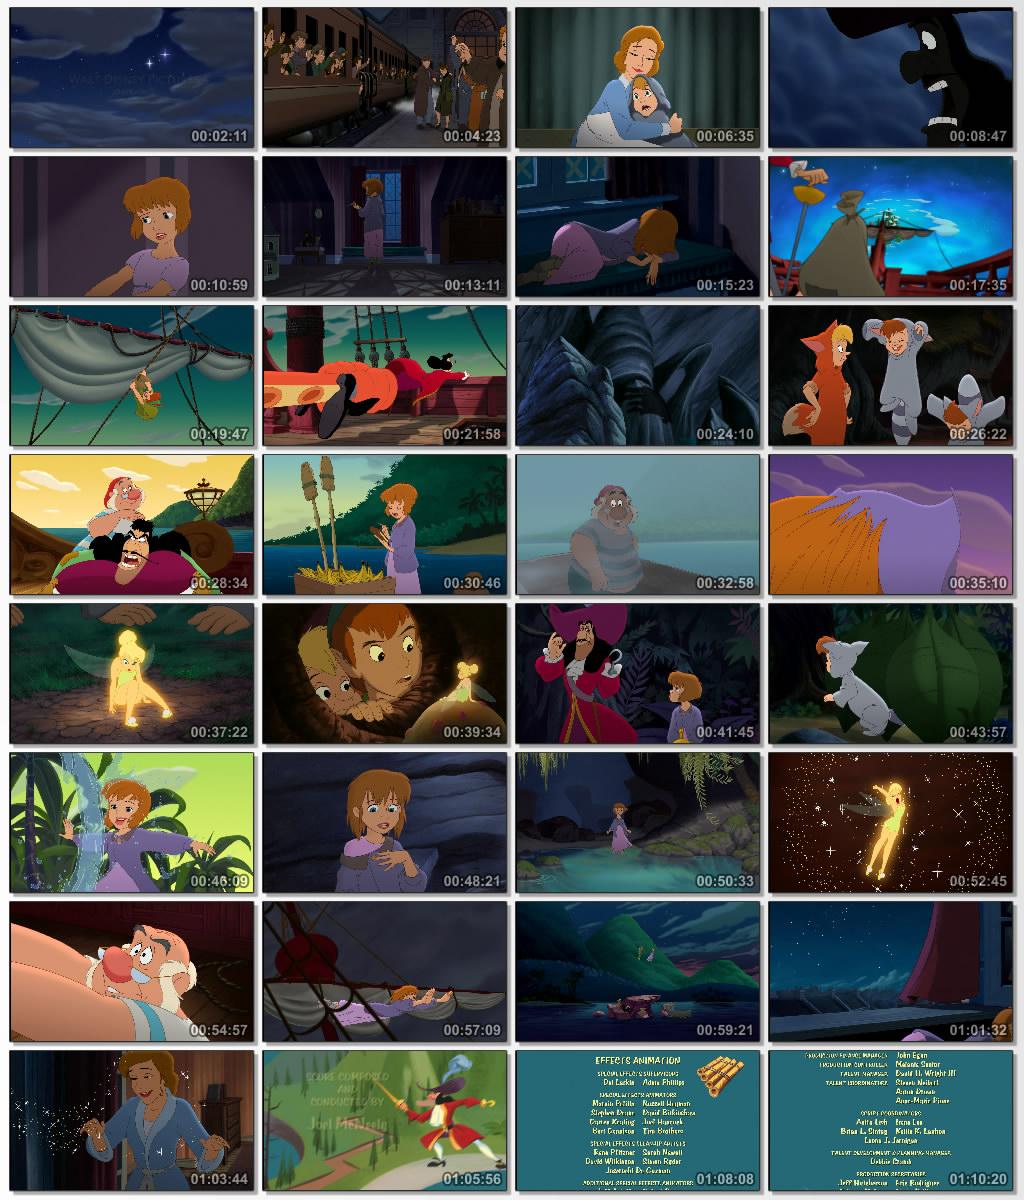 دانلود انیمیشن کارتونی Return to Never Land 2002